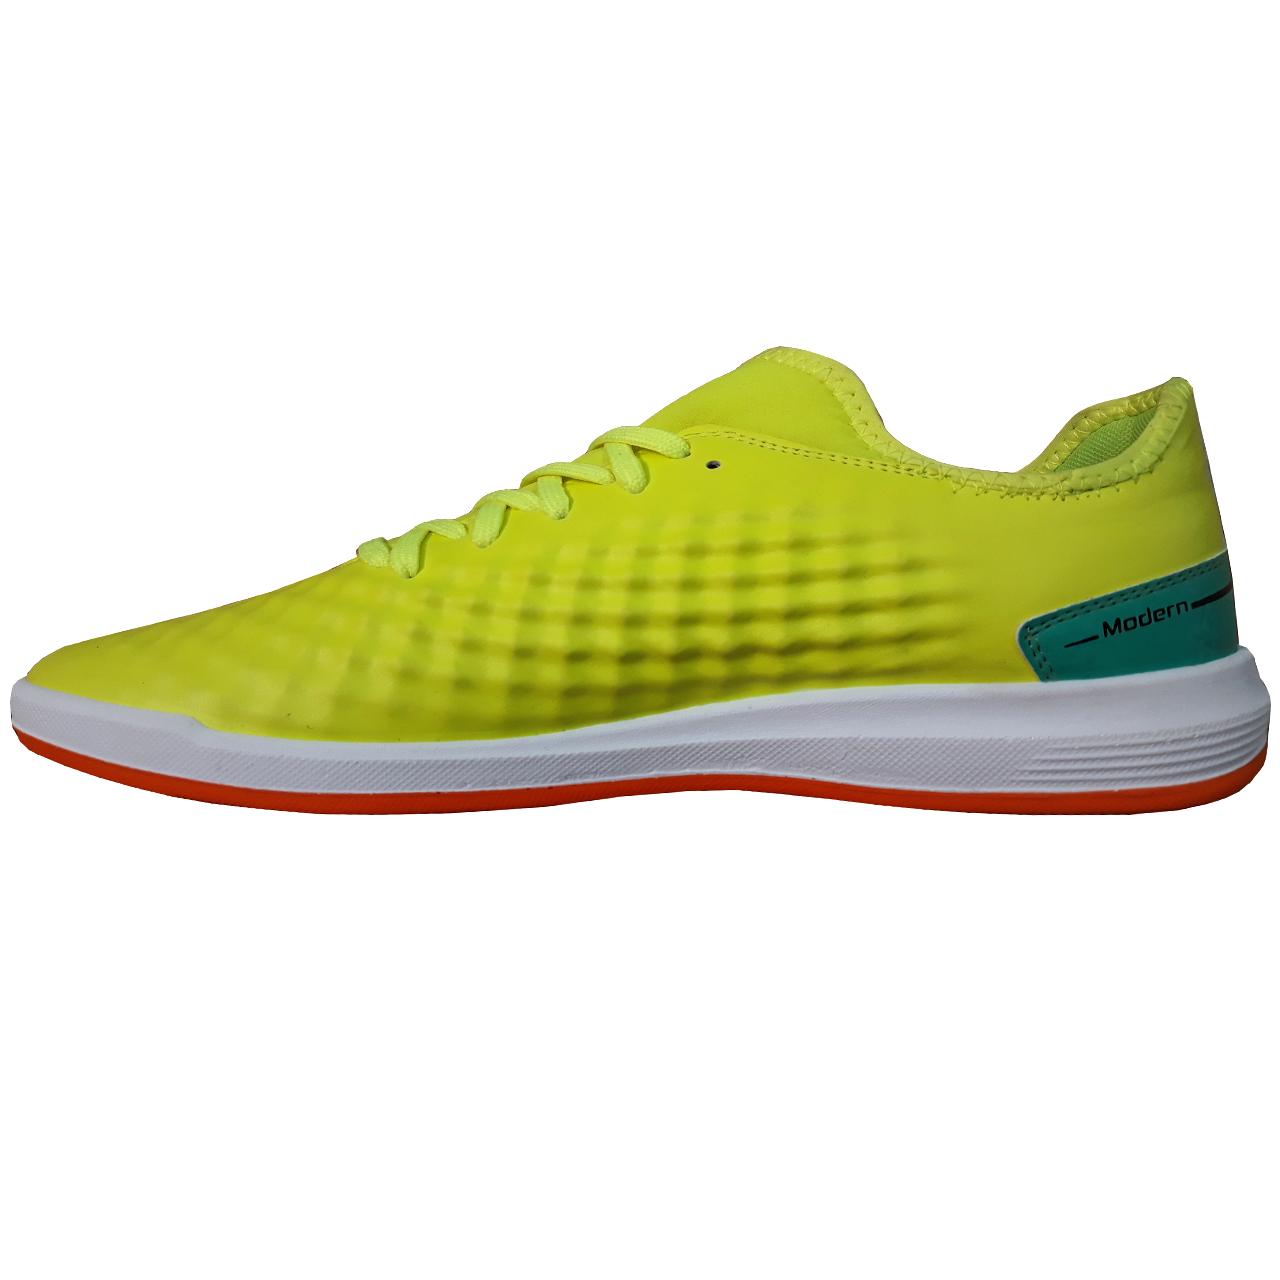 قیمت کفش فوتسال و فوتبال مردانه مدرن طرح نایکی مدل M2